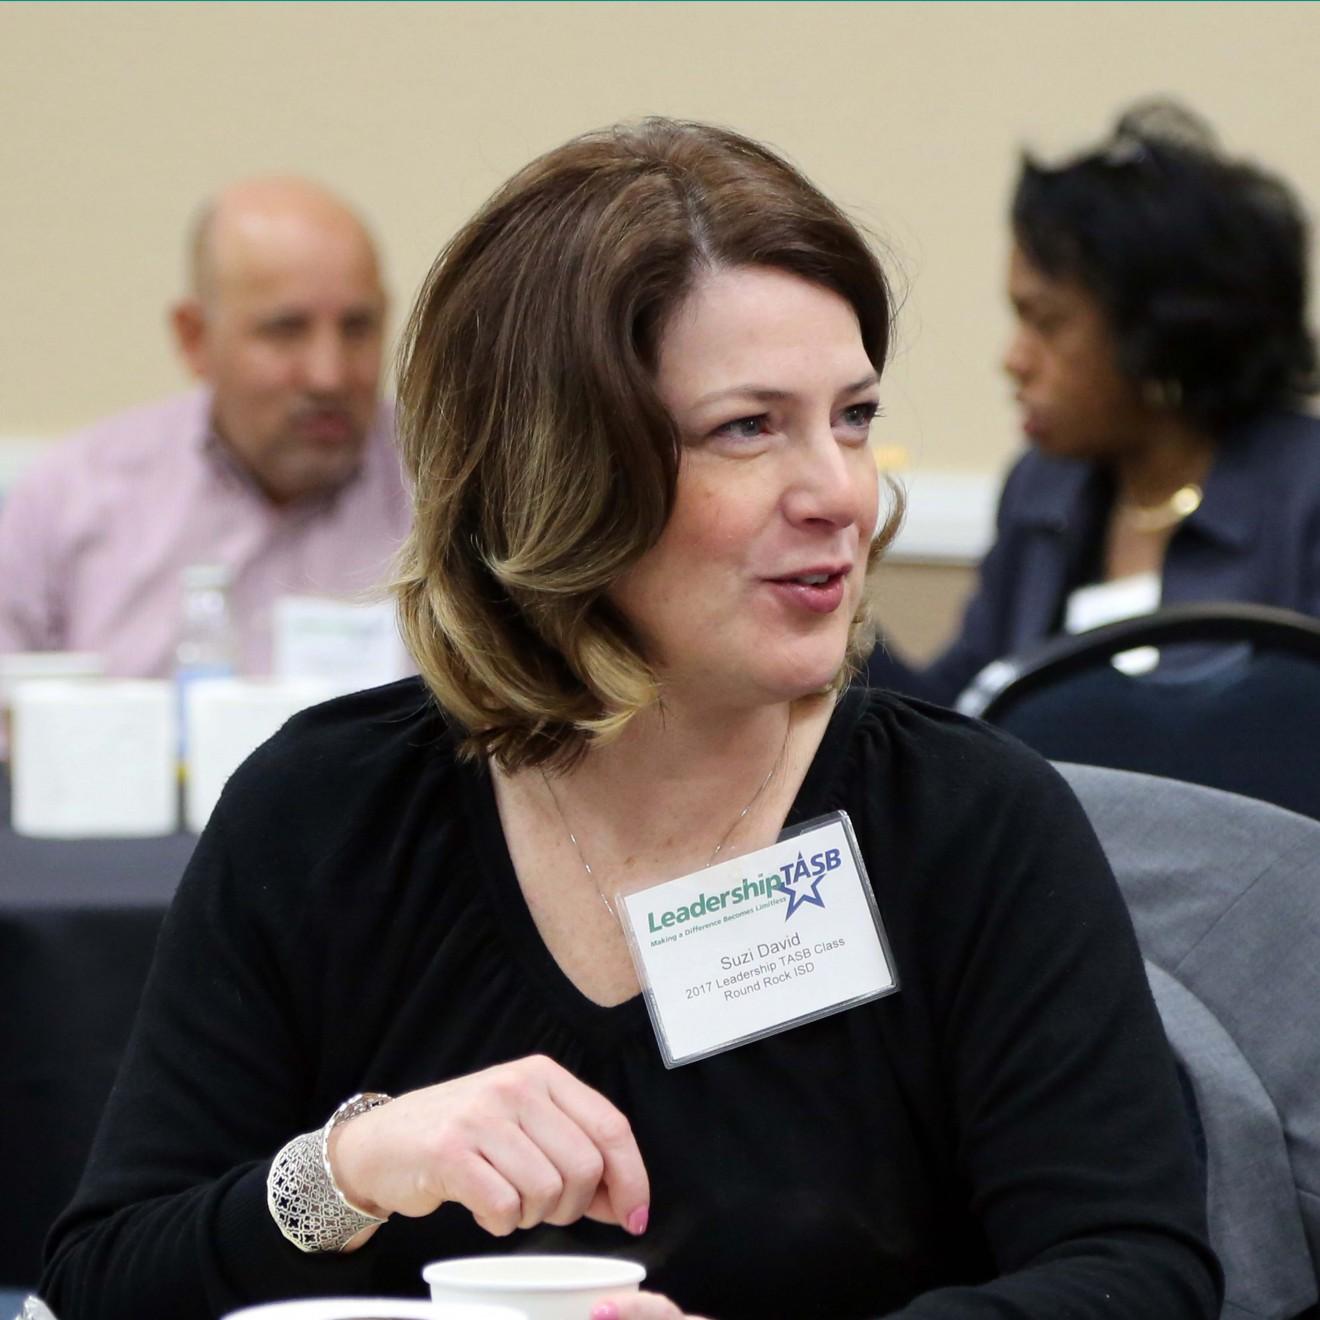 RRISD Trustee Suzi David participates in third session of Leadership TASB